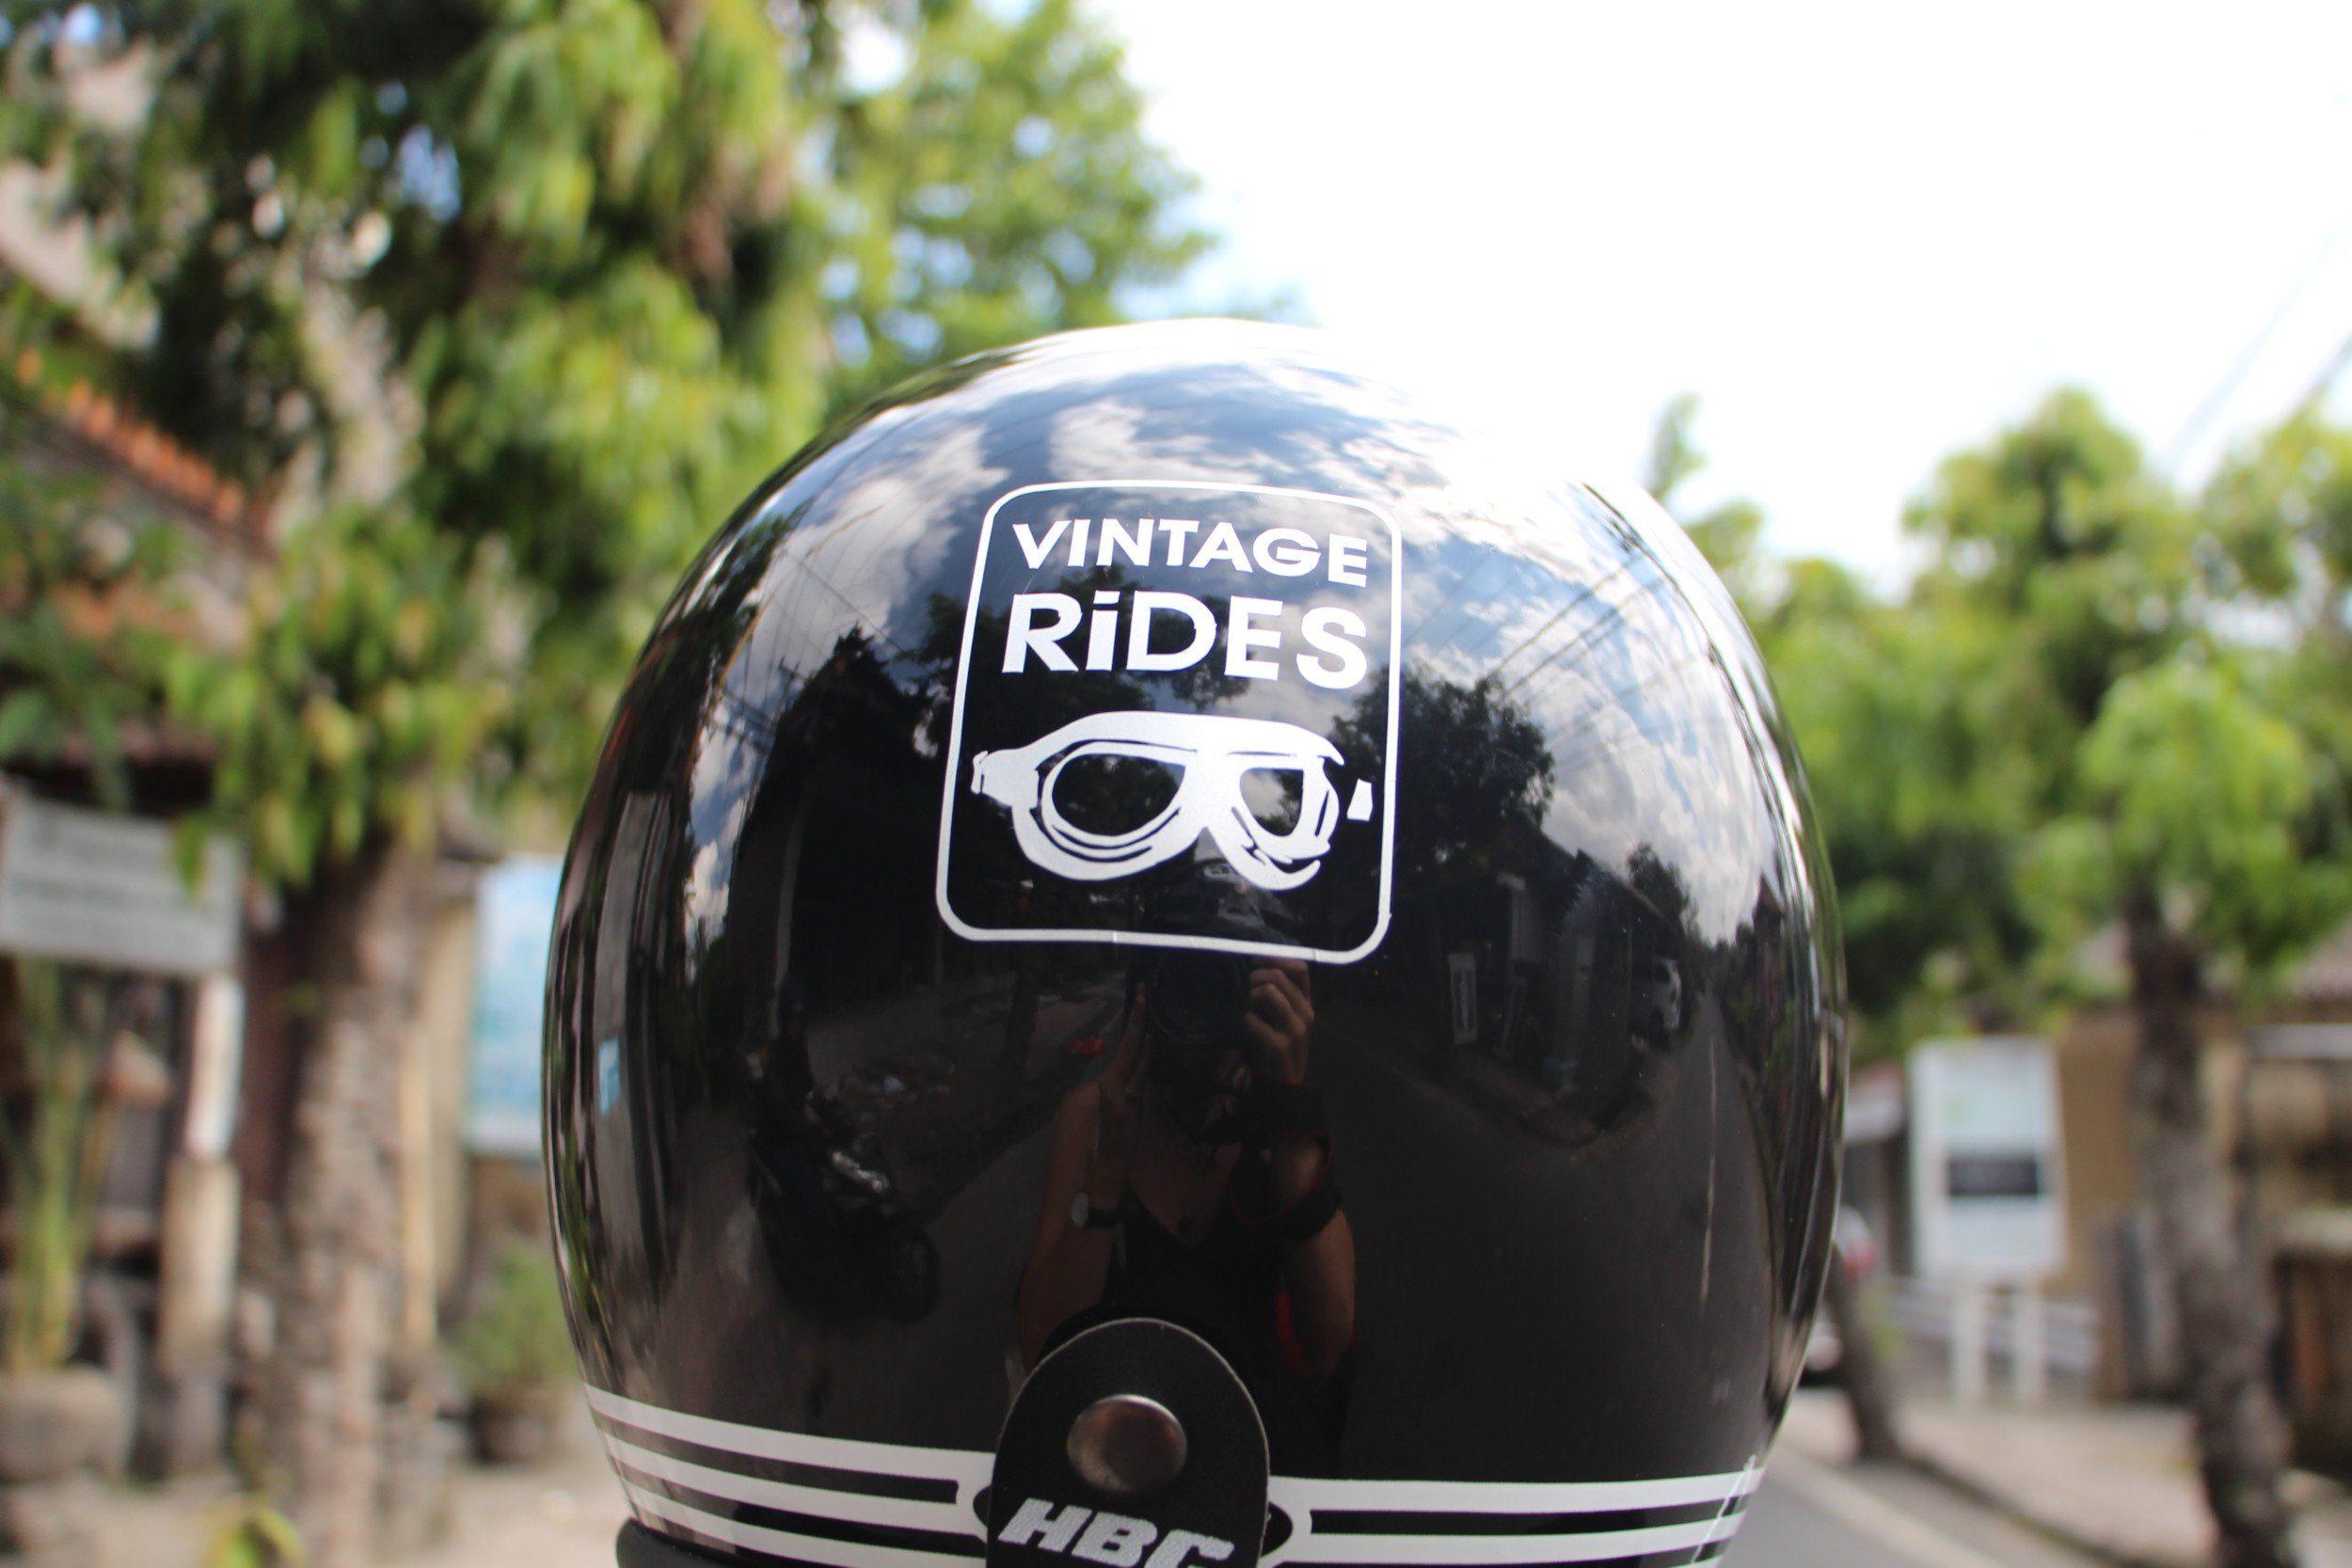 vintage rides logo